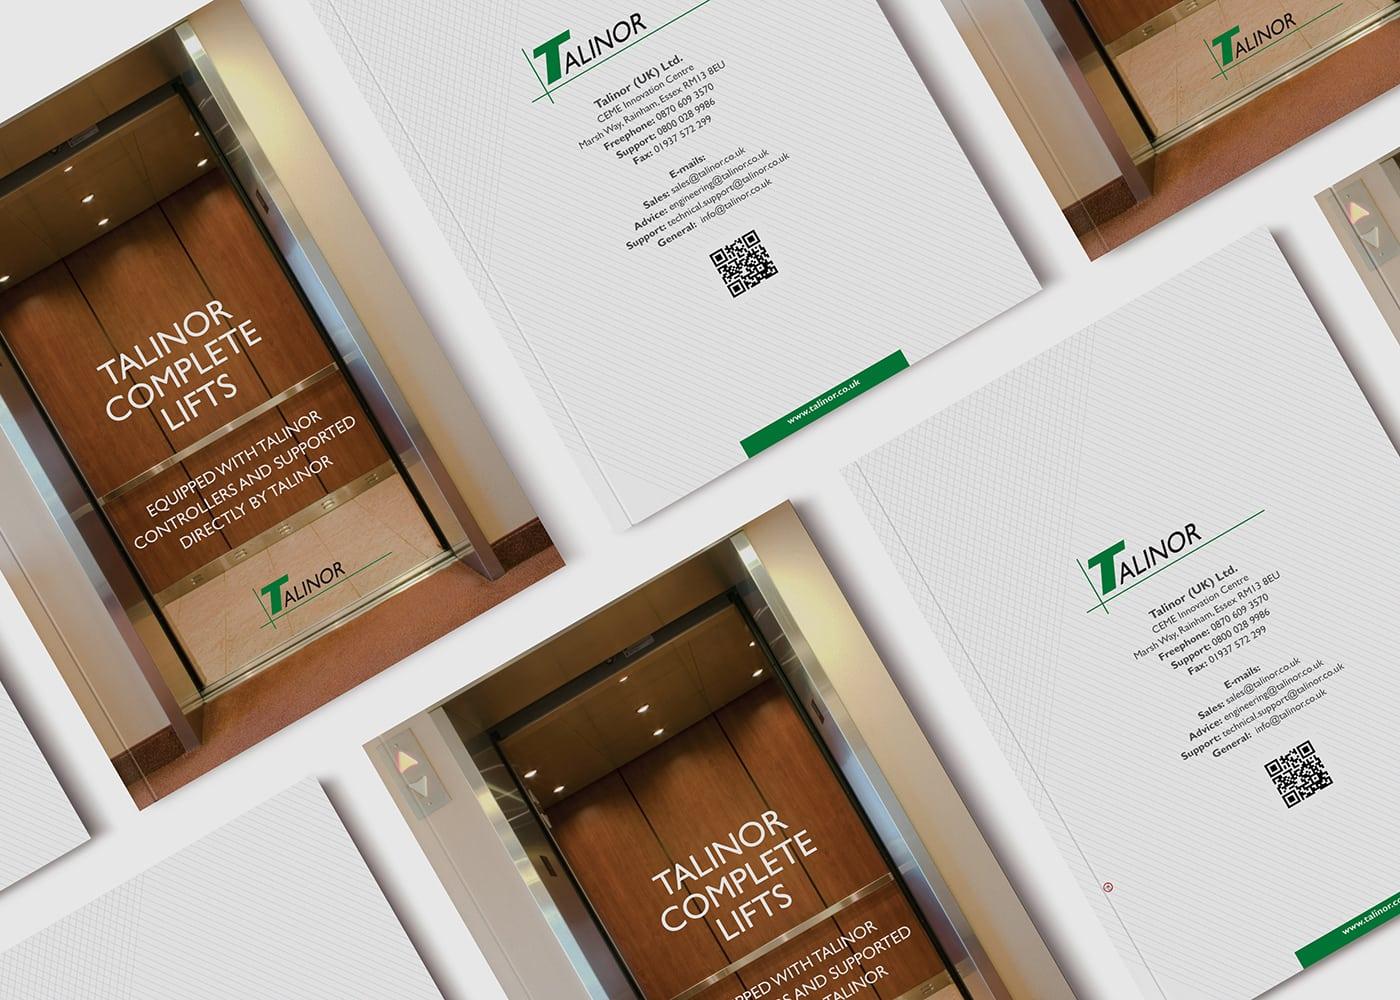 עיצוב שער קידמי ואחורי לקטלוג של חברת talinor lifts